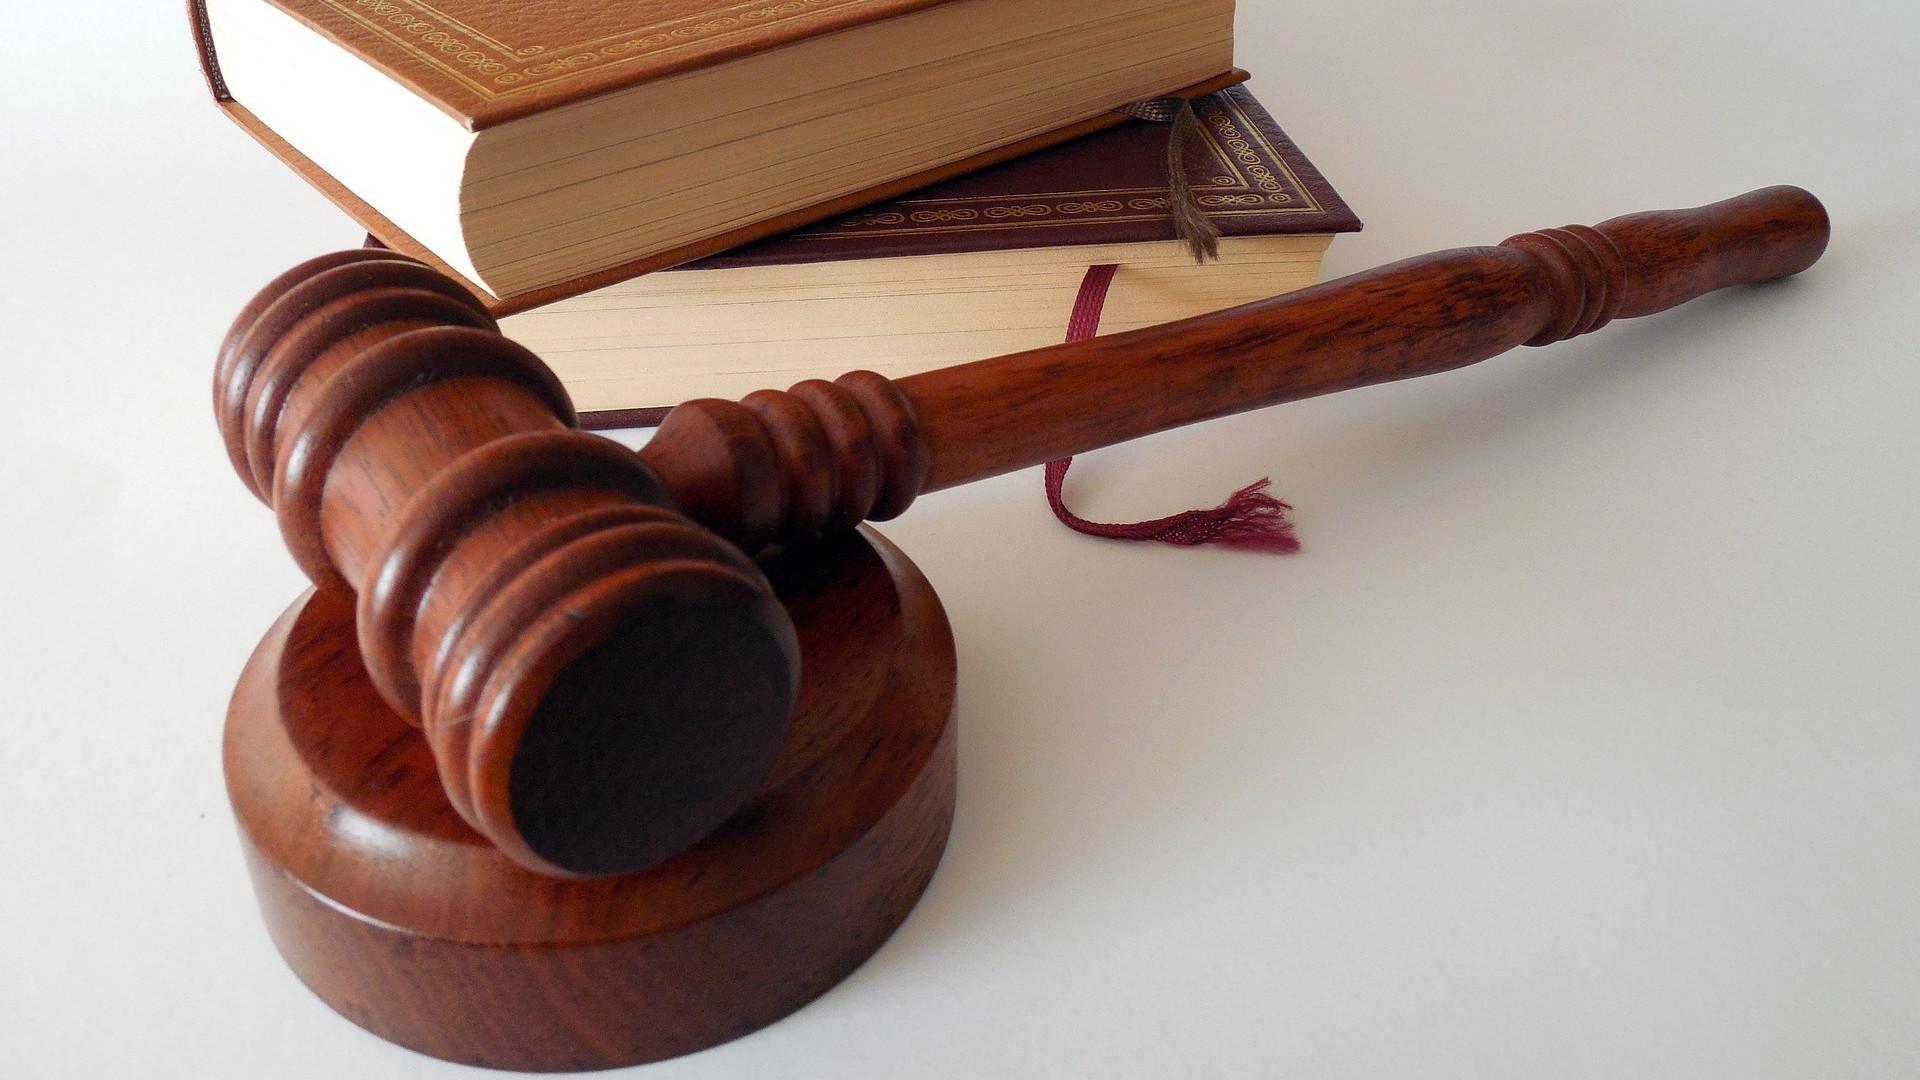 Суд поддержал решение УФАС региона по делу о нарушении закона о закупках дубненской больницей